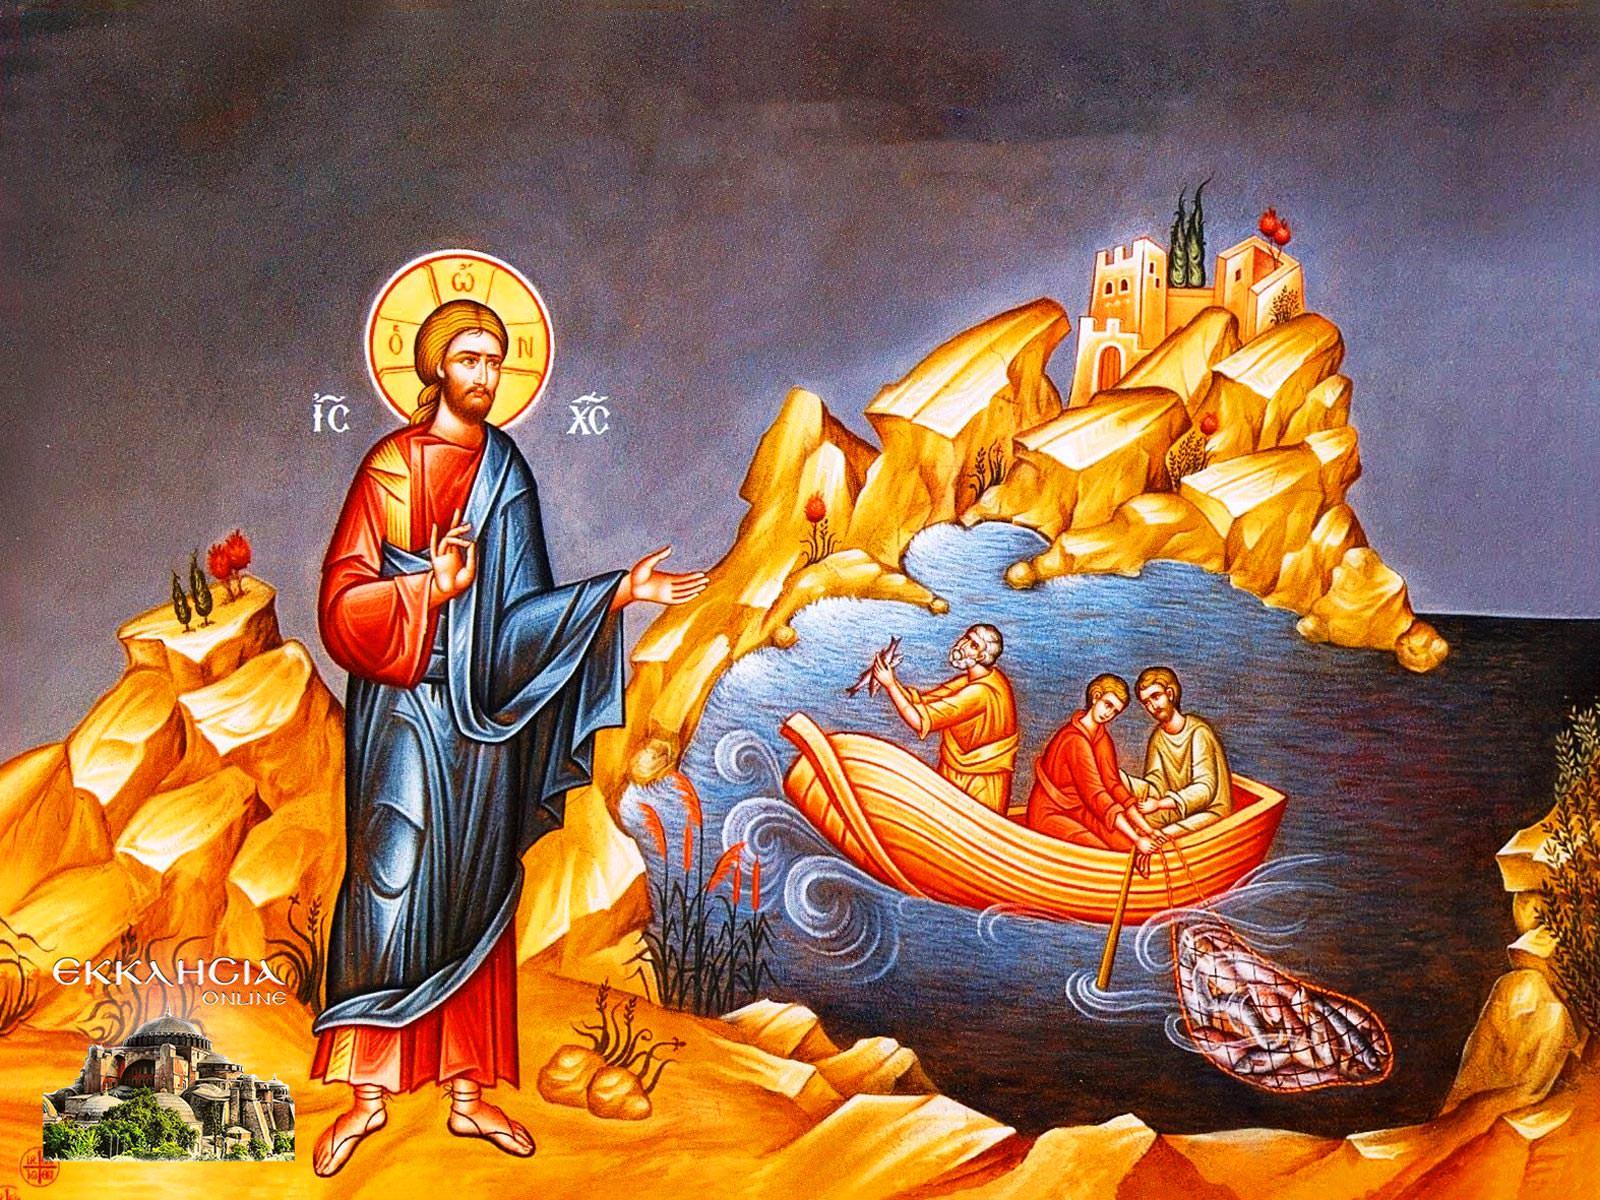 Ιησούς Ψαράδες